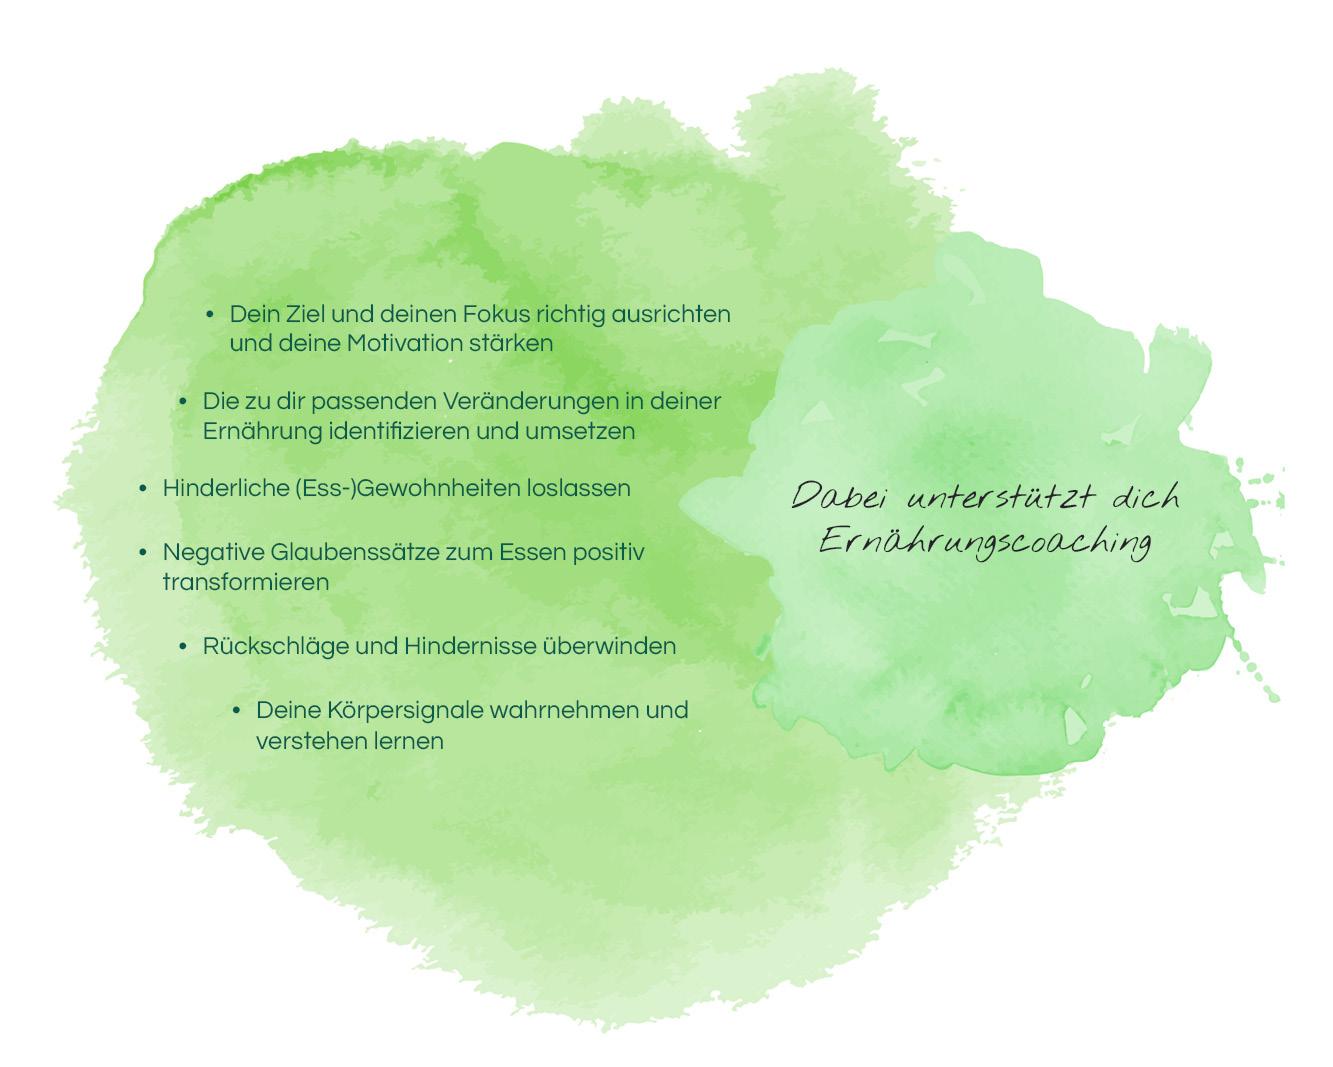 Wie dich Ernährungscoaching unterstützt - Übersicht